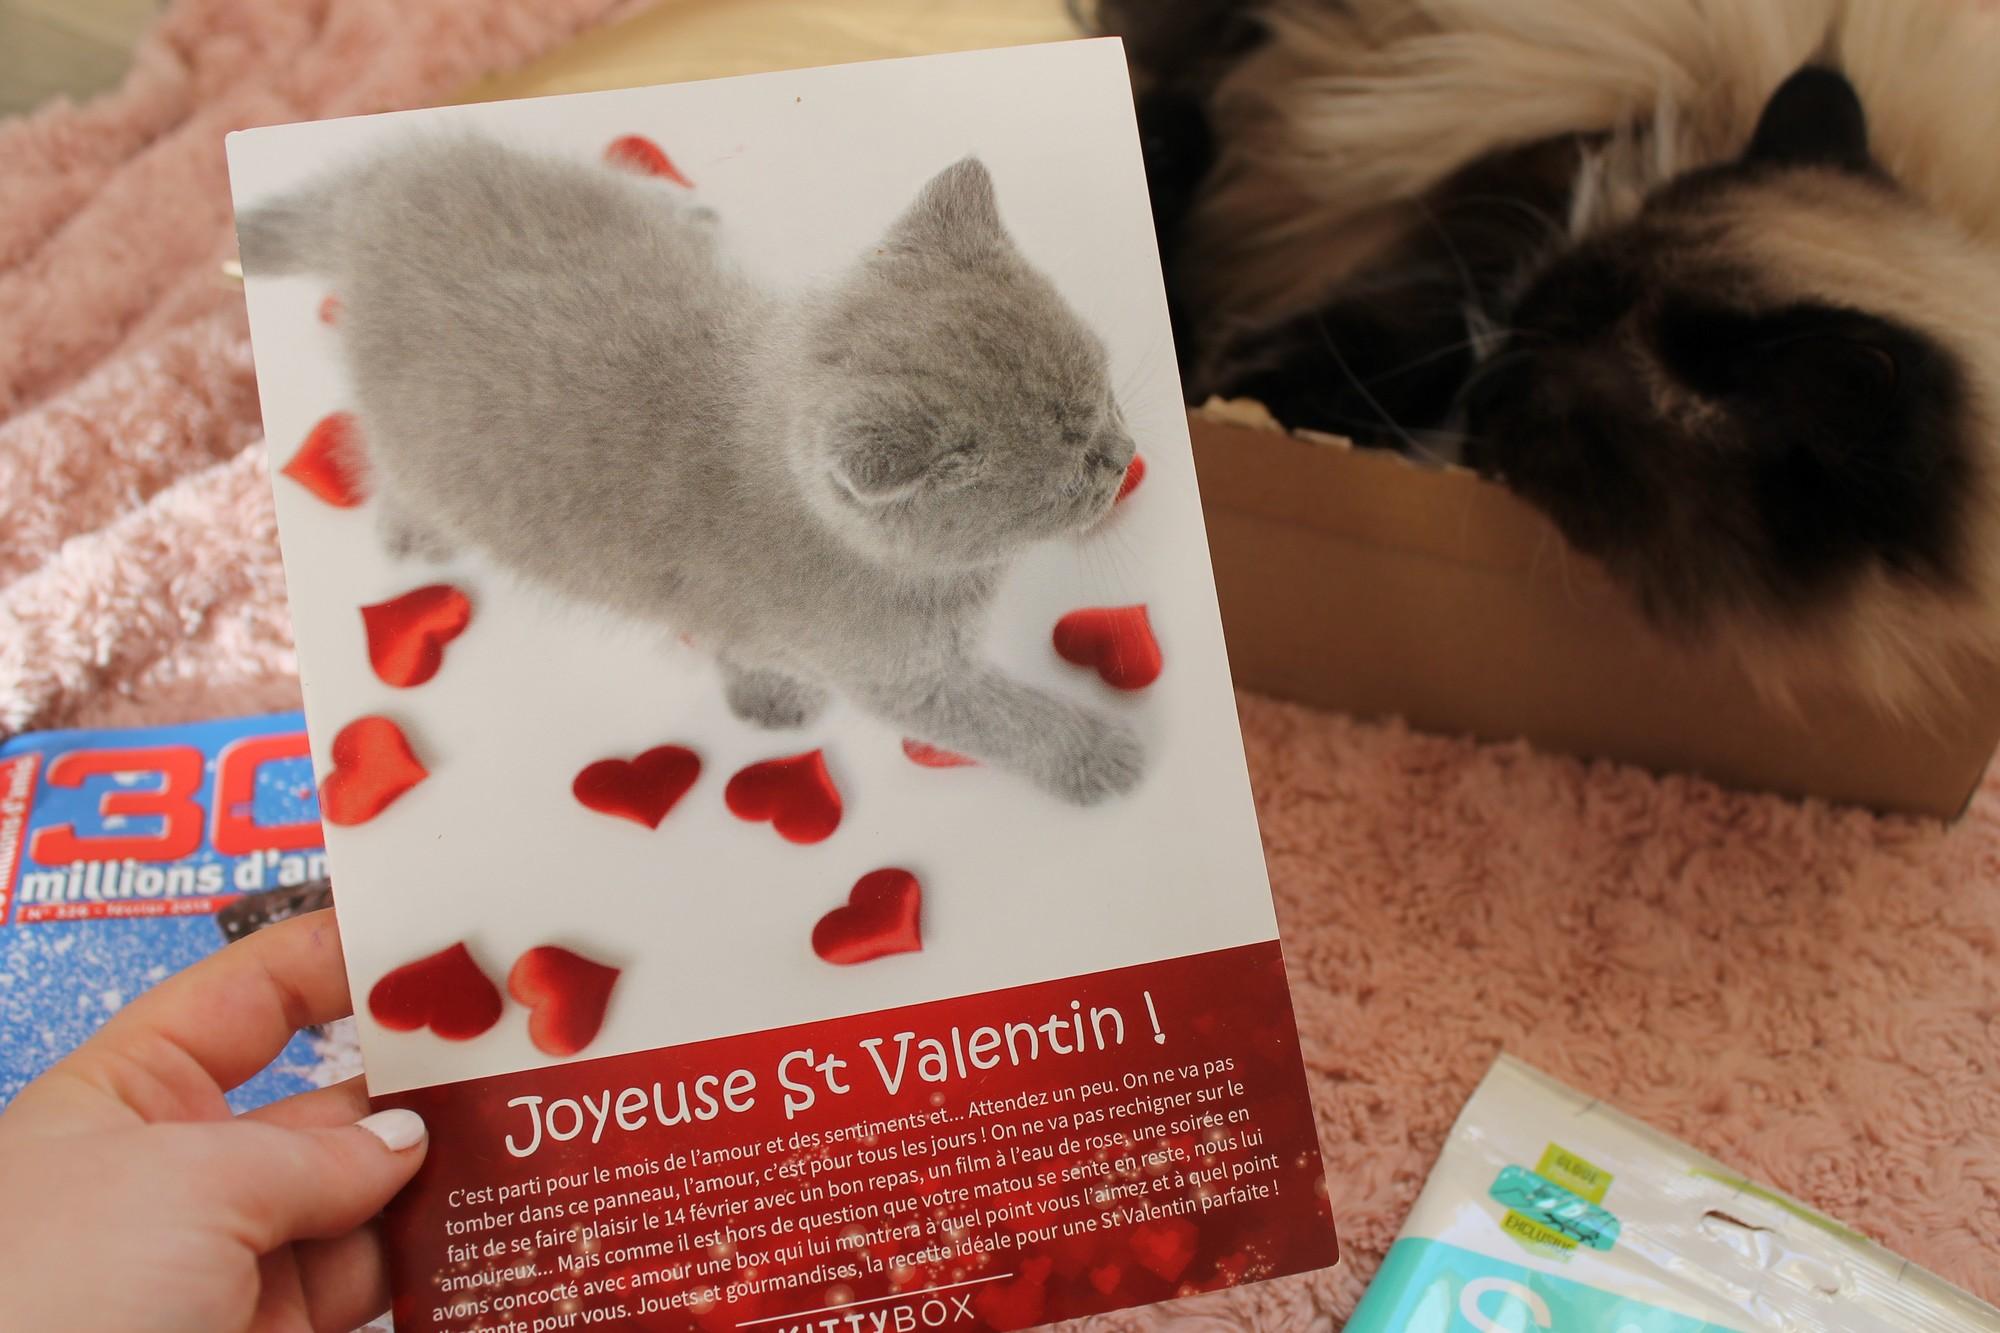 kittyboxfevrier4